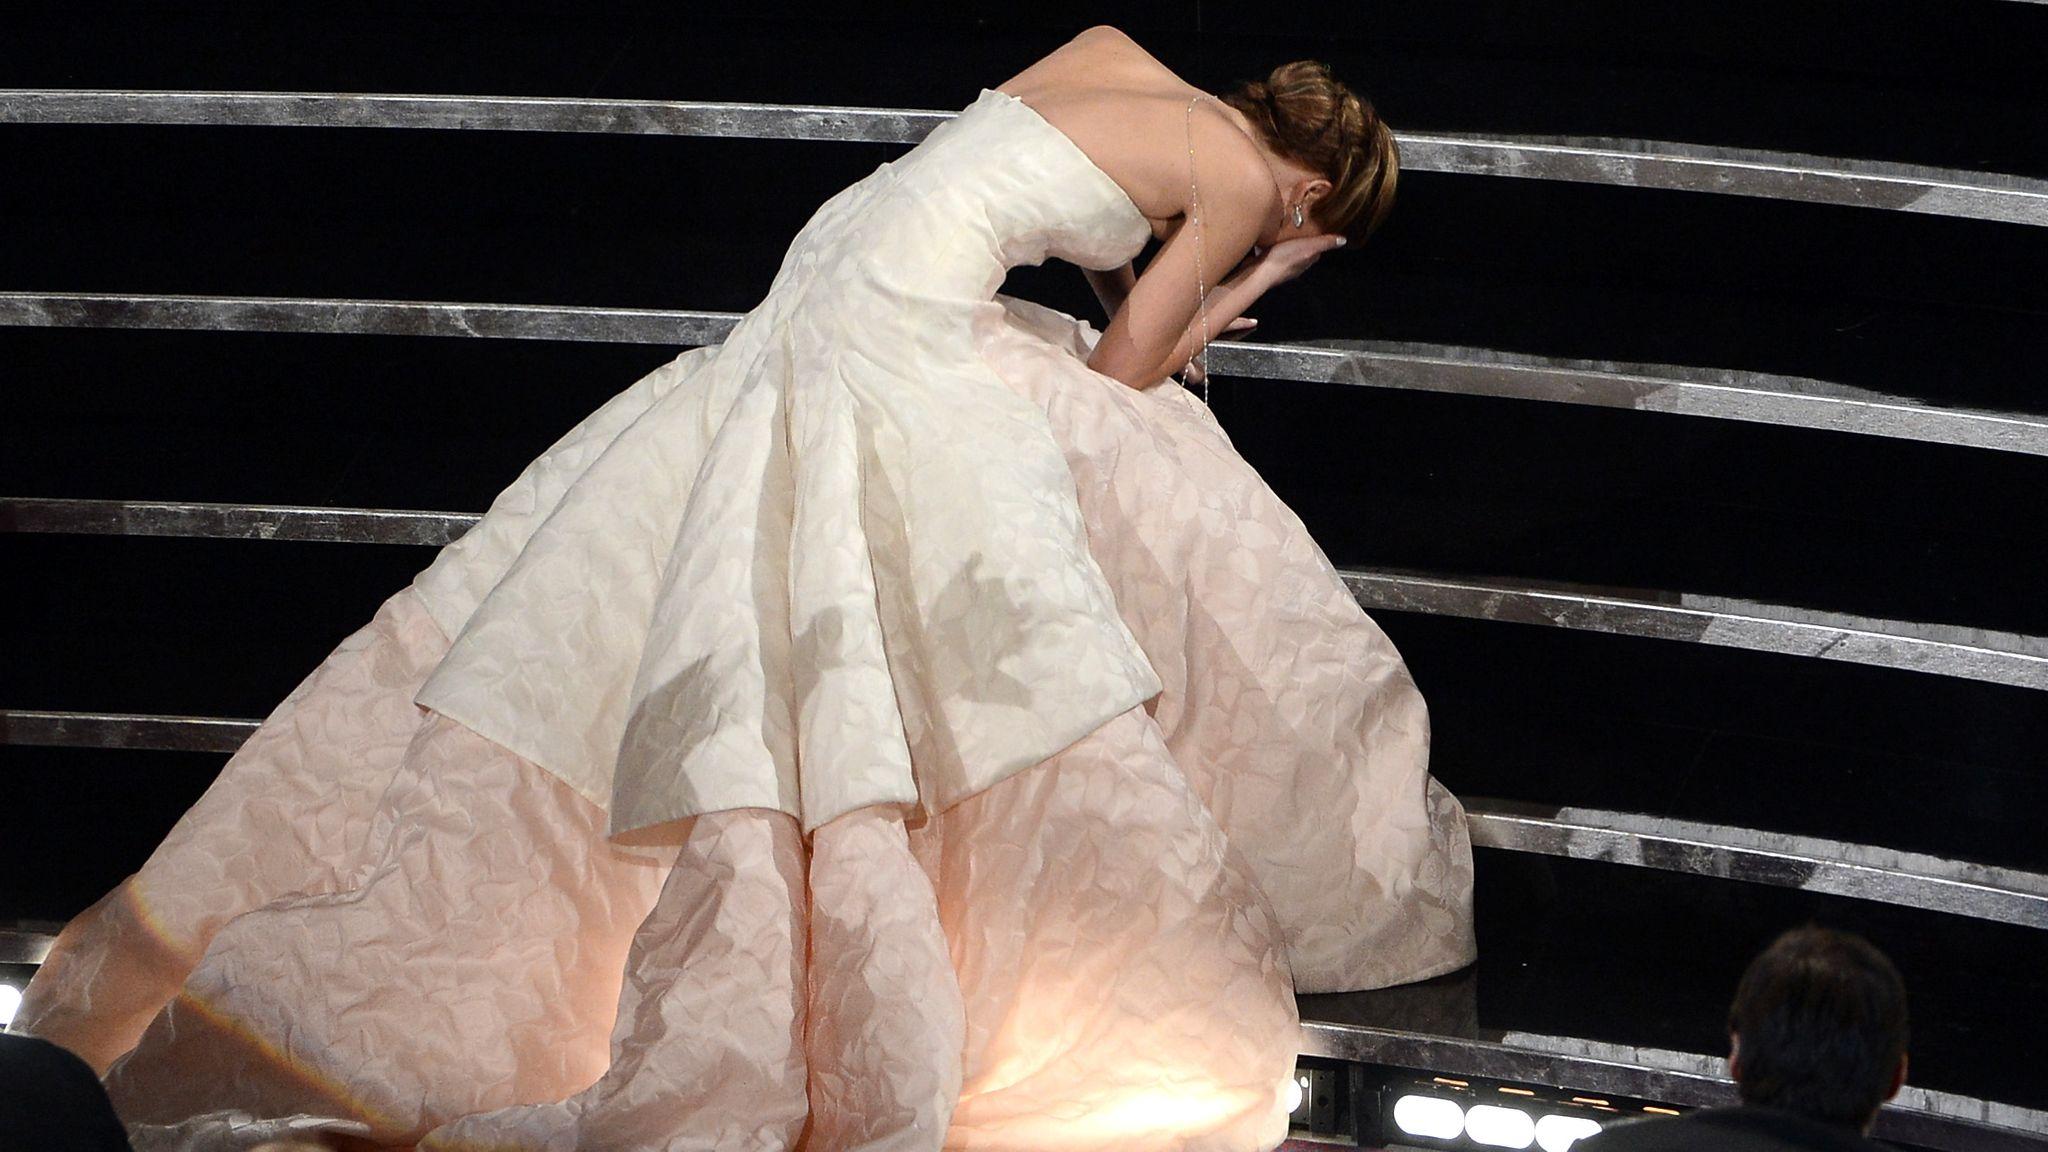 Jennifer Lawrence finds a novel way to amp up the Oscars attention